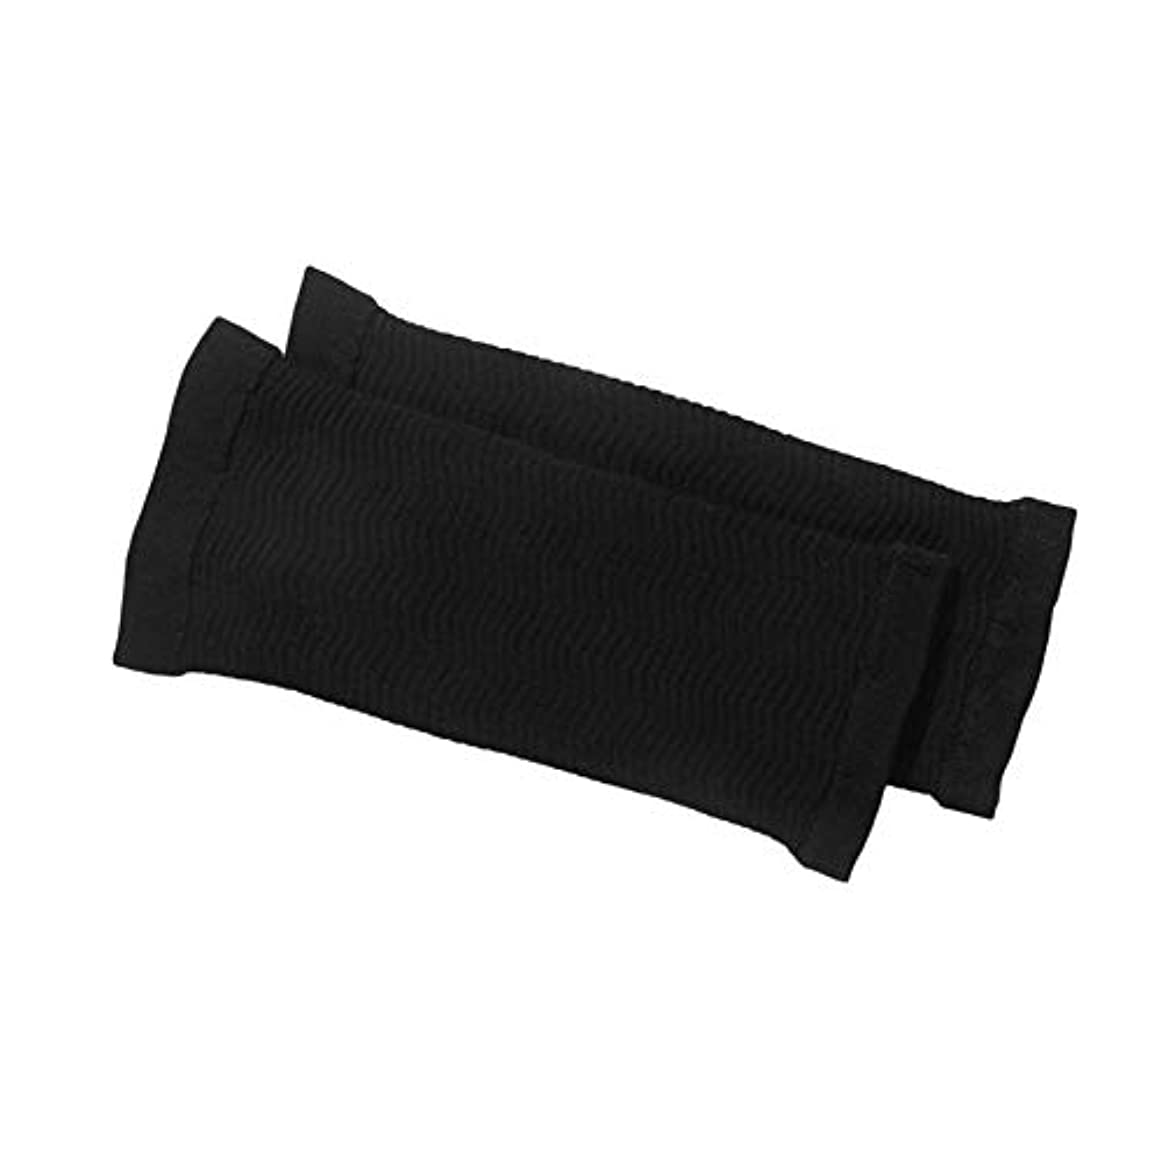 1ペア420 d圧縮痩身アームスリーブワークアウトトーニングバーンセルライトシェイパー脂肪燃焼袖用女性(Color:black)